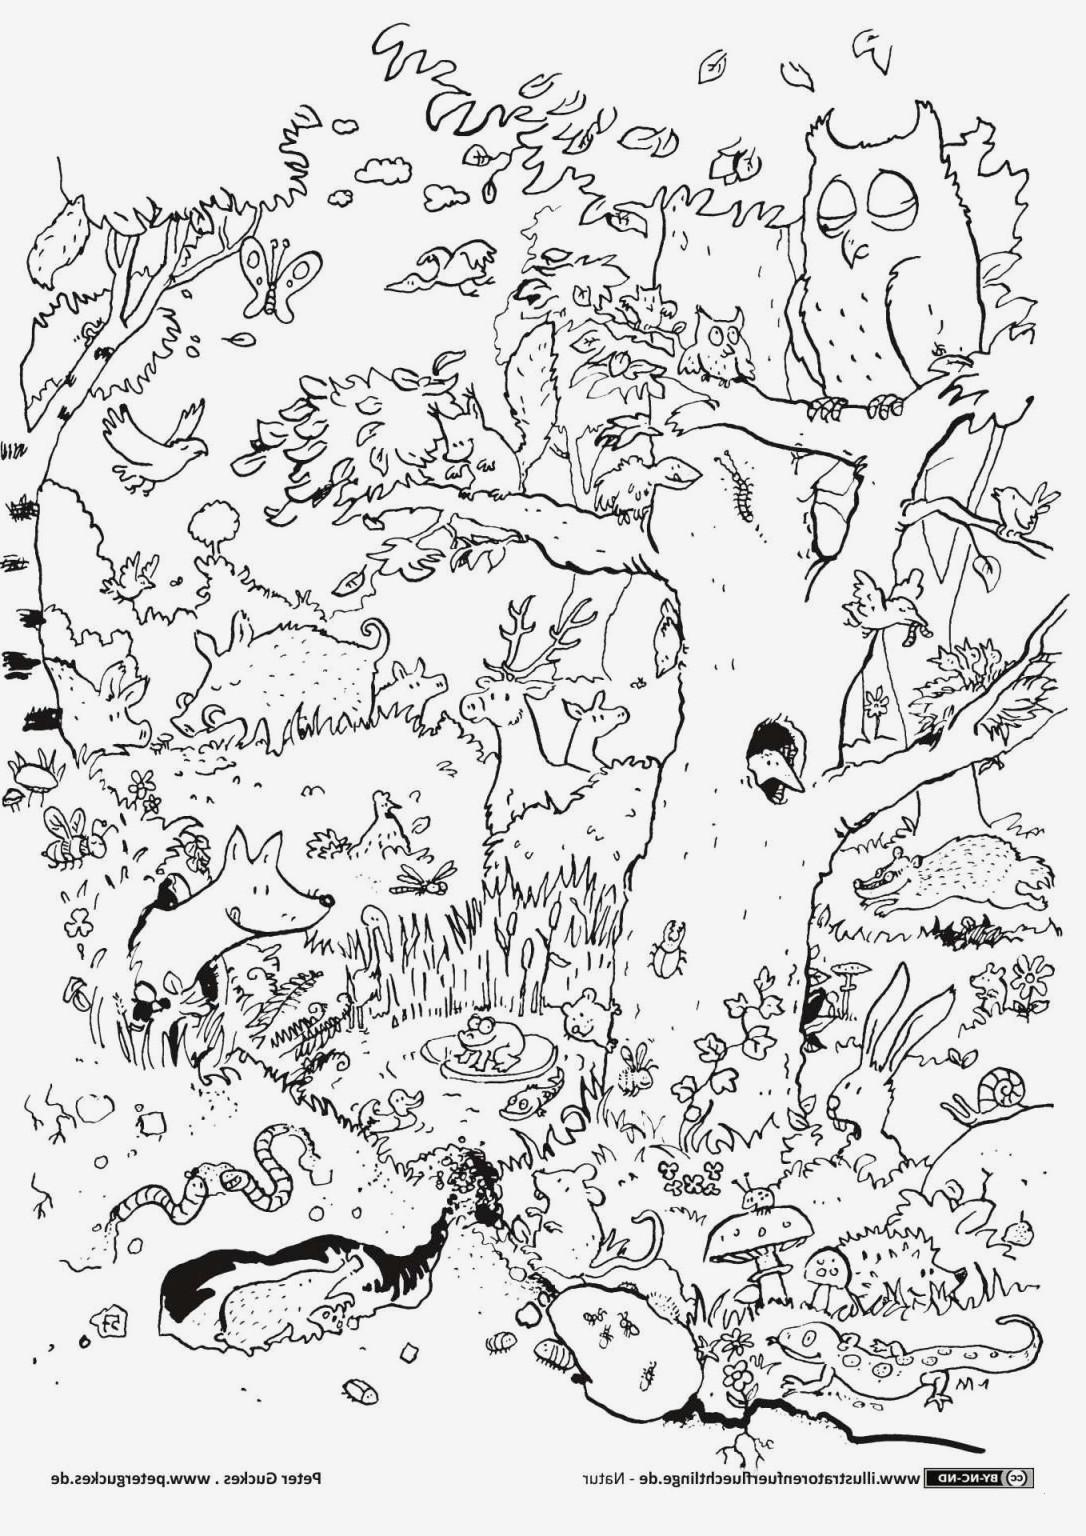 Ausmalbilder Frohe Ostern Genial 32 Lecker Oster Ausmalbilder – Malvorlagen Ideen Galerie